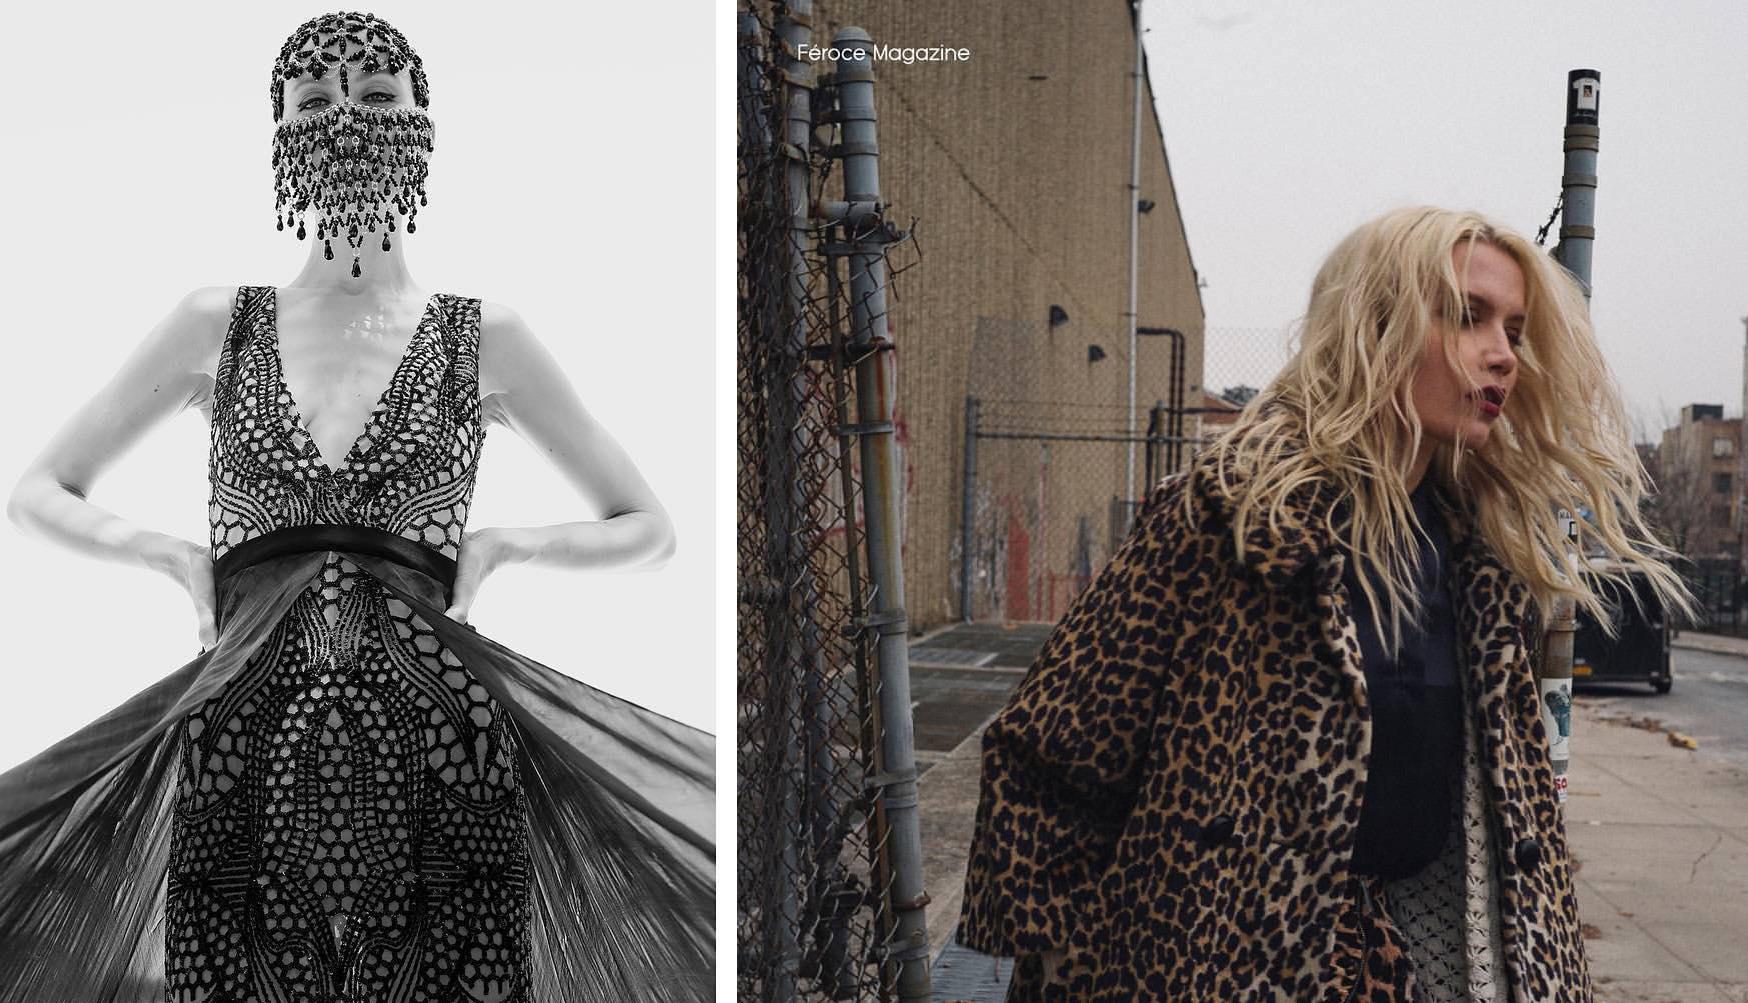 Работа моделью в нью йорке прикольная работа для девушек в